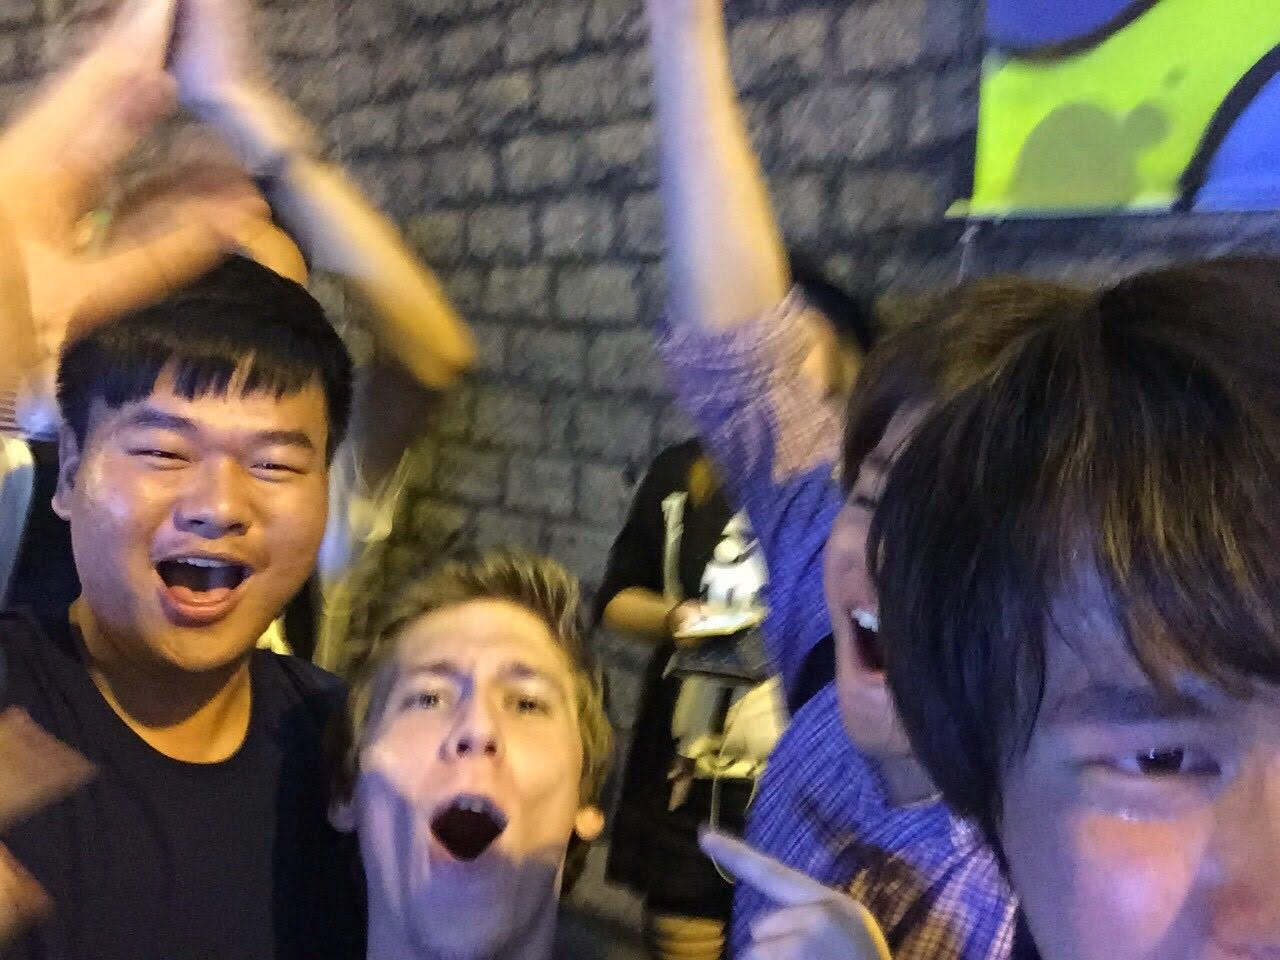 【飲み屋街、蘭桂坊(ランカイフォン)で踊り尽くせ!】2泊3日で行く香港旅行記